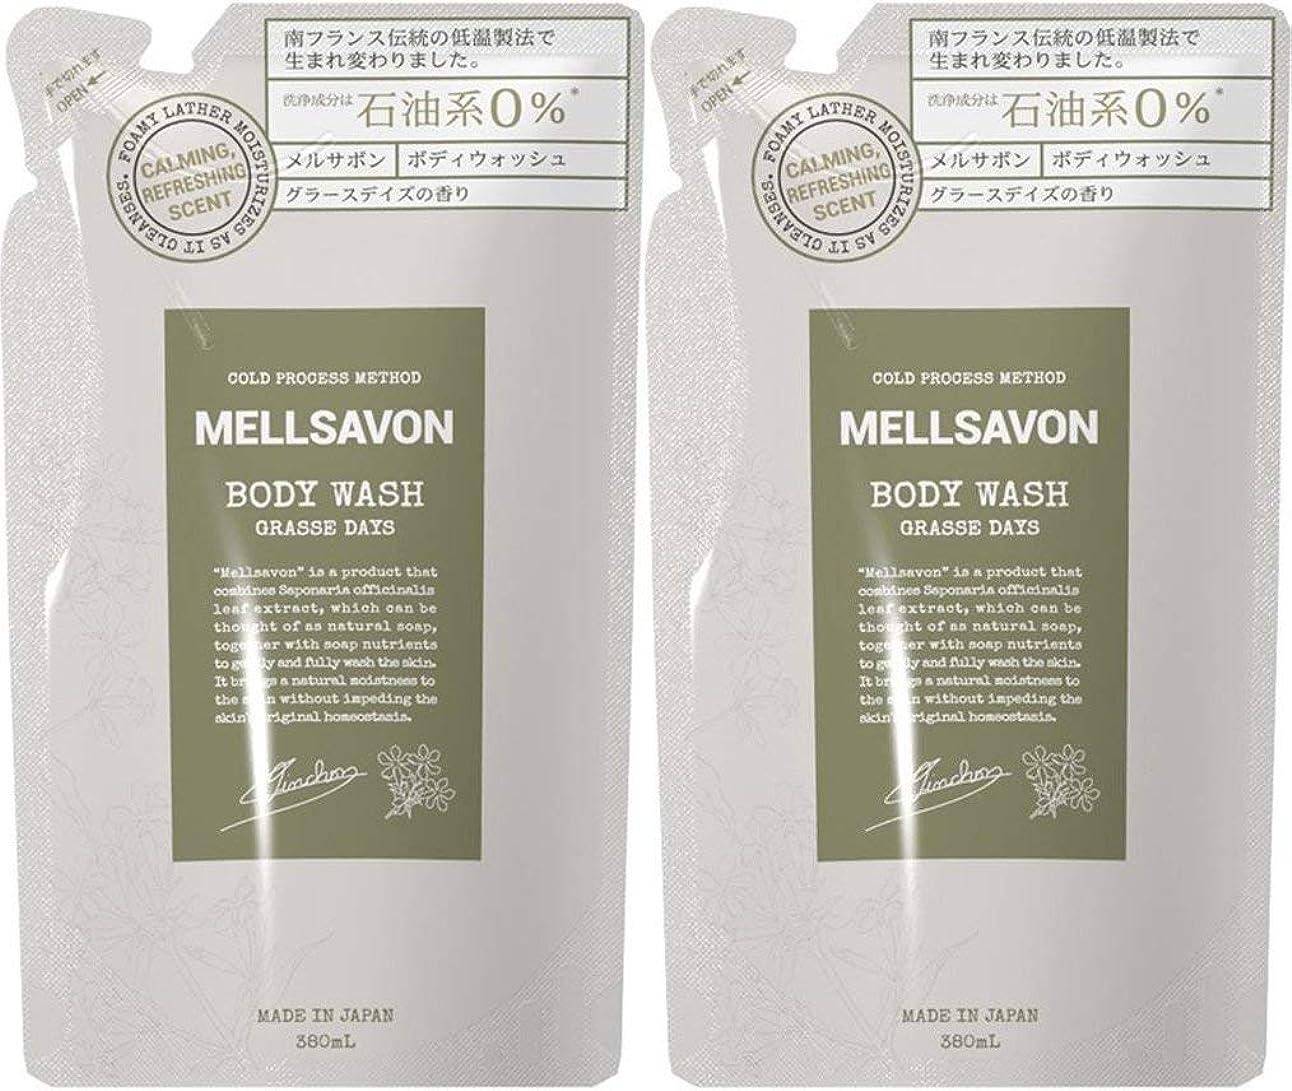 精緻化囲む単調な【2個セット】MELLSAVON(メルサボン) ボディウォッシュ グラースデイズ 〈詰替〉 (380mL)